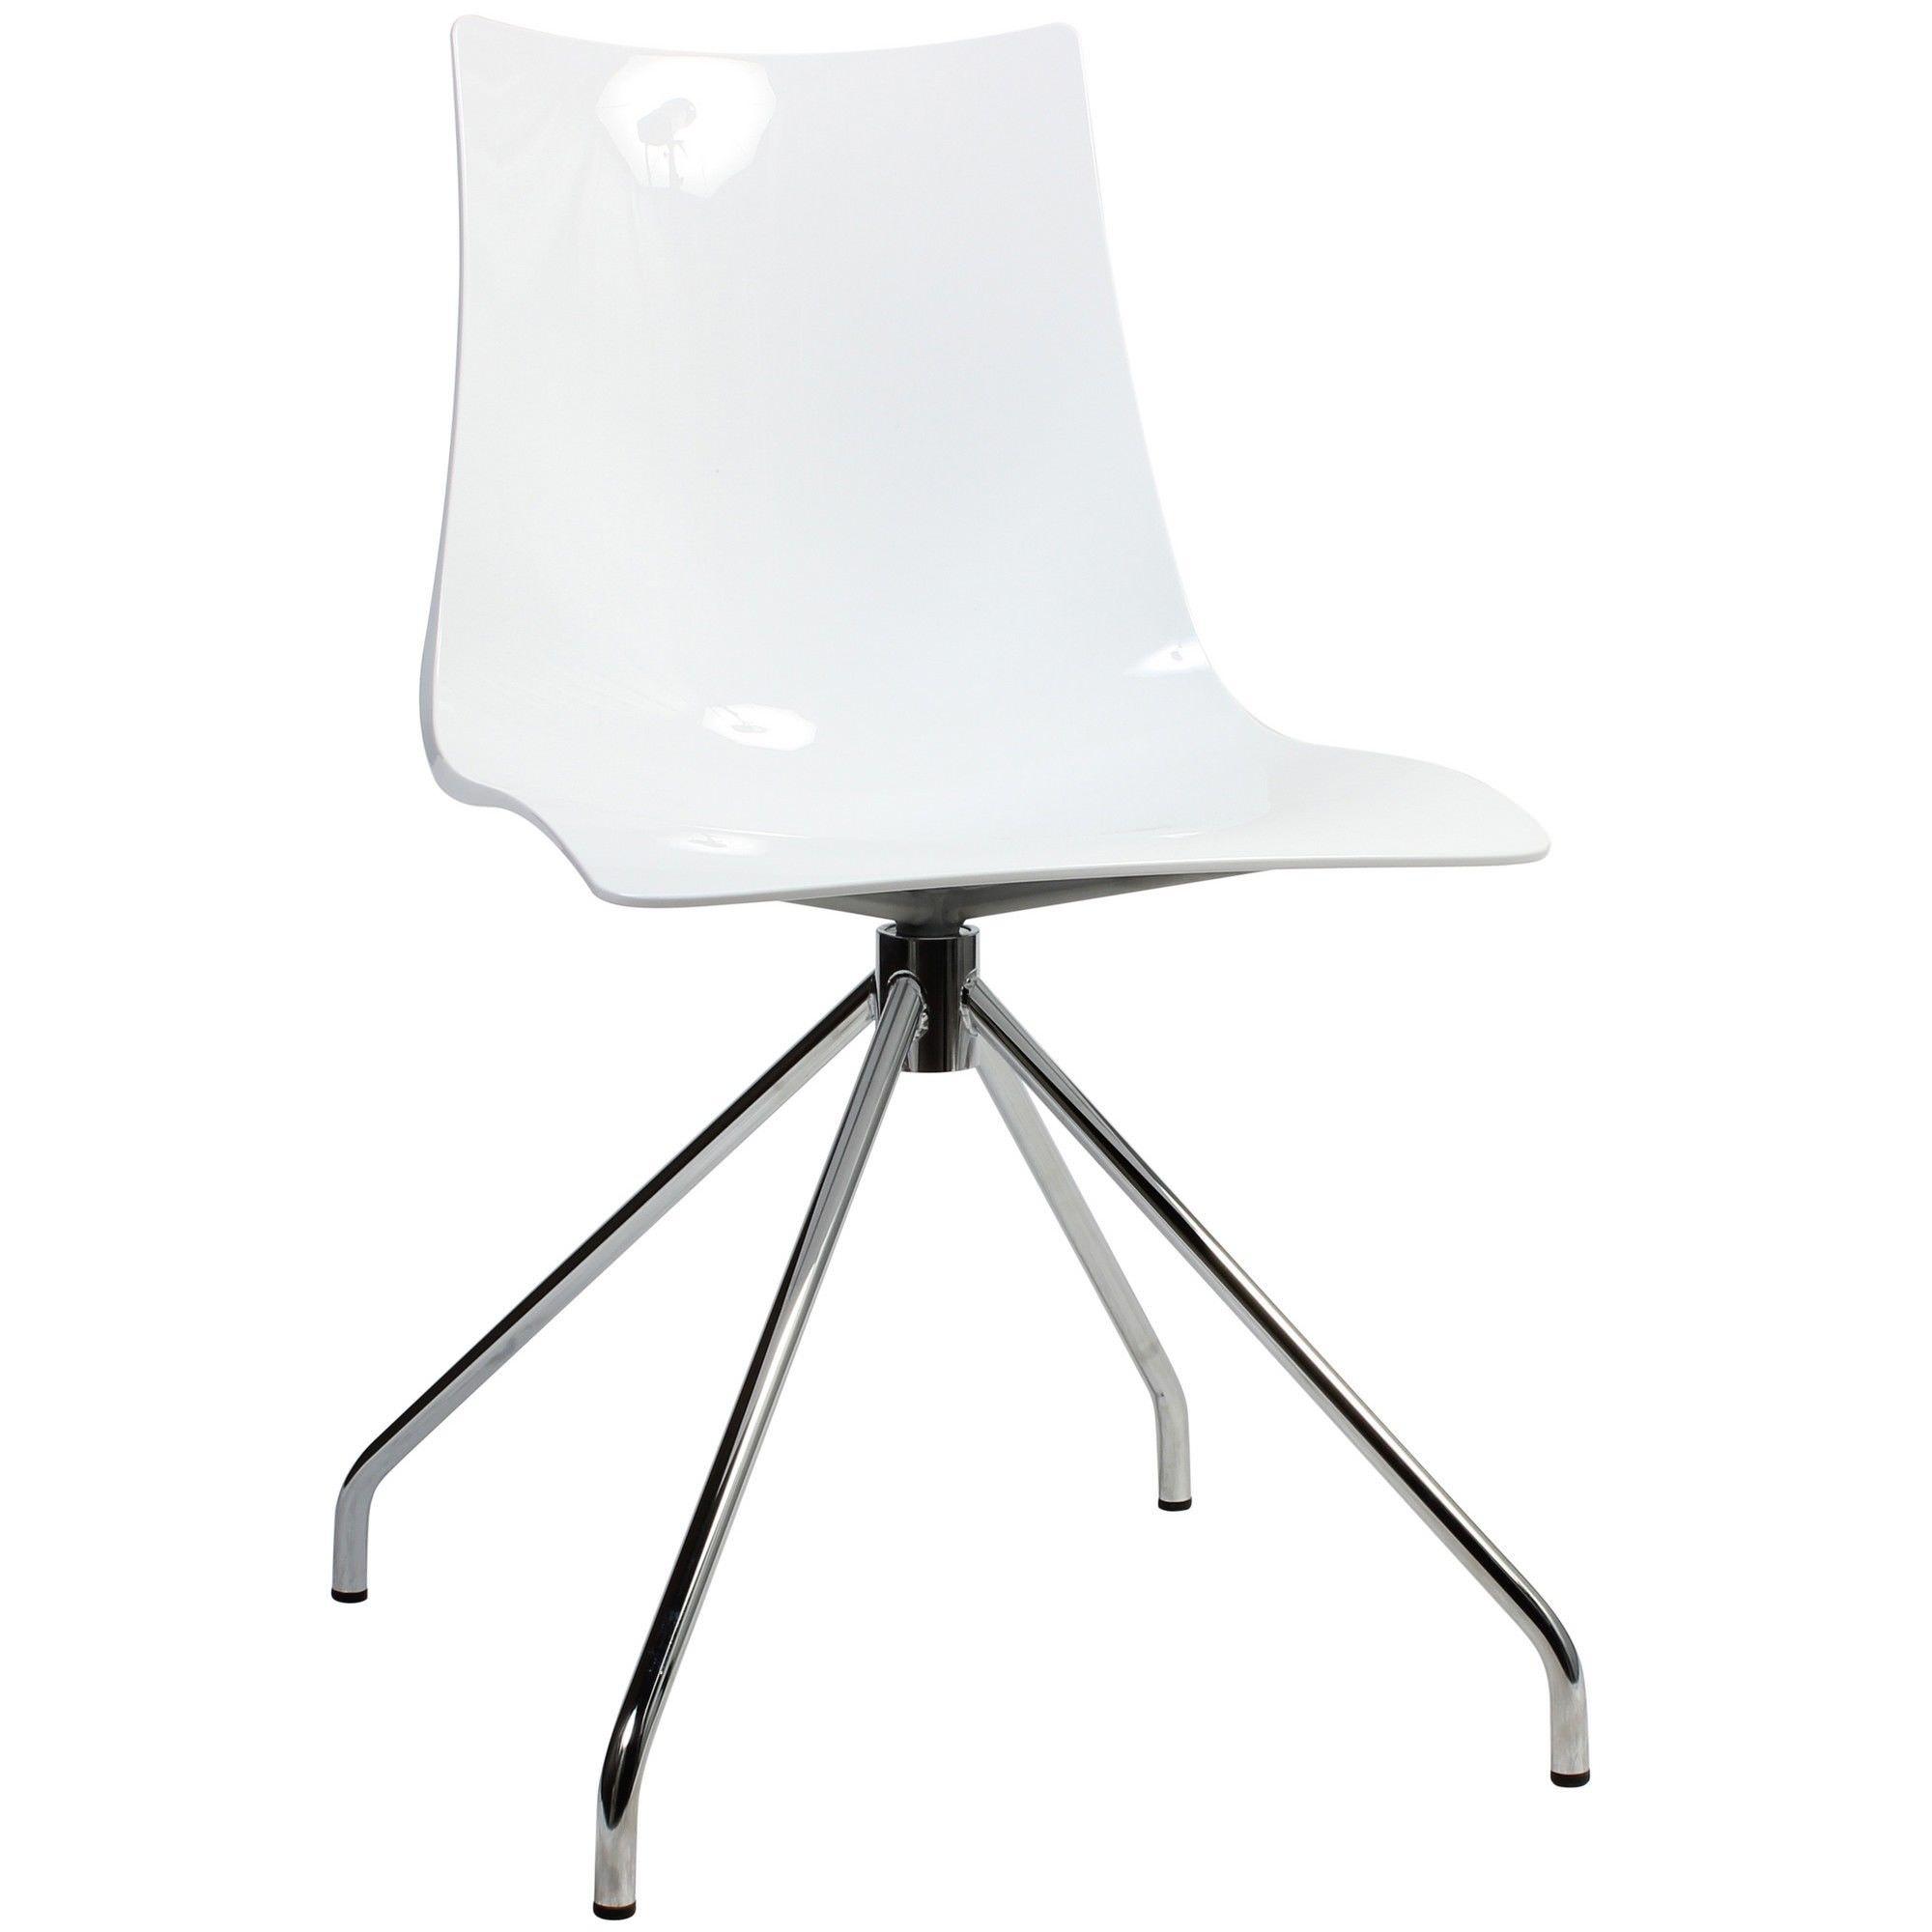 Zebra Italian Made Commercial Grade Dining Chair, Trestle Leg, White / Chrome